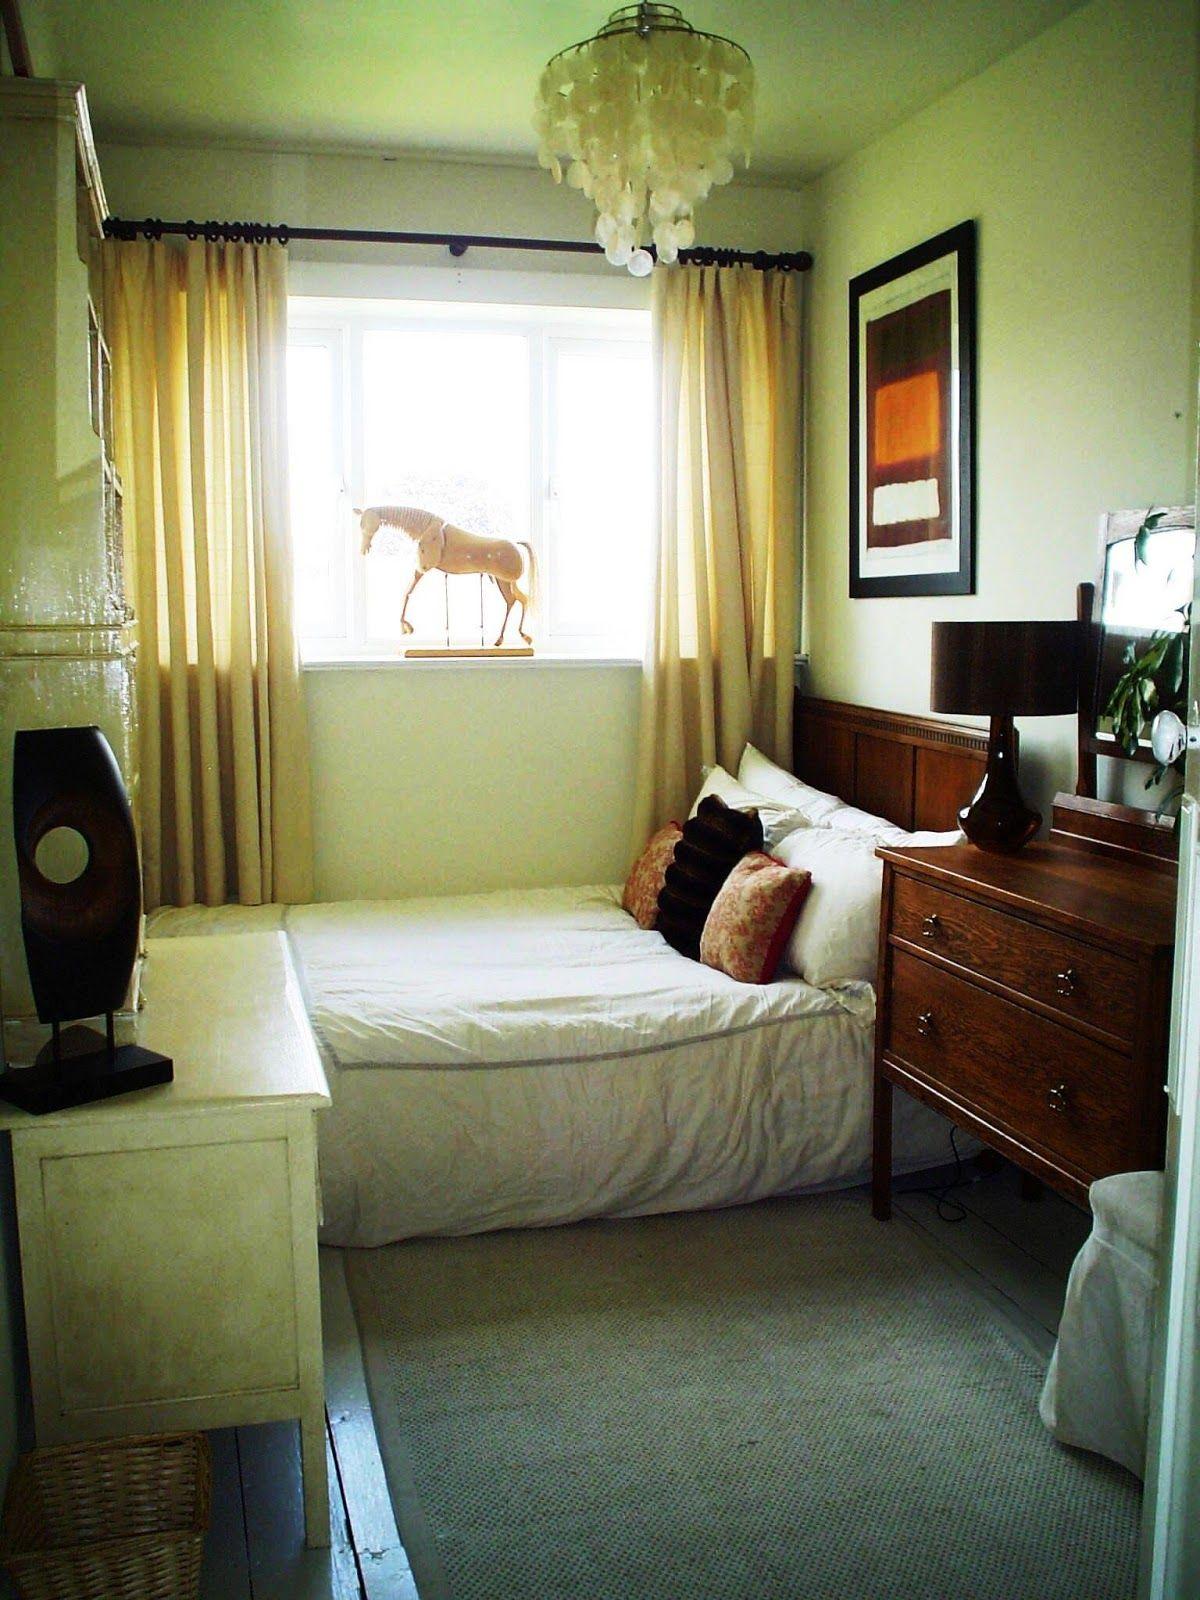 Modern Schlafzimmer Design-Ideen für kleine Zimmer | Mobel ...